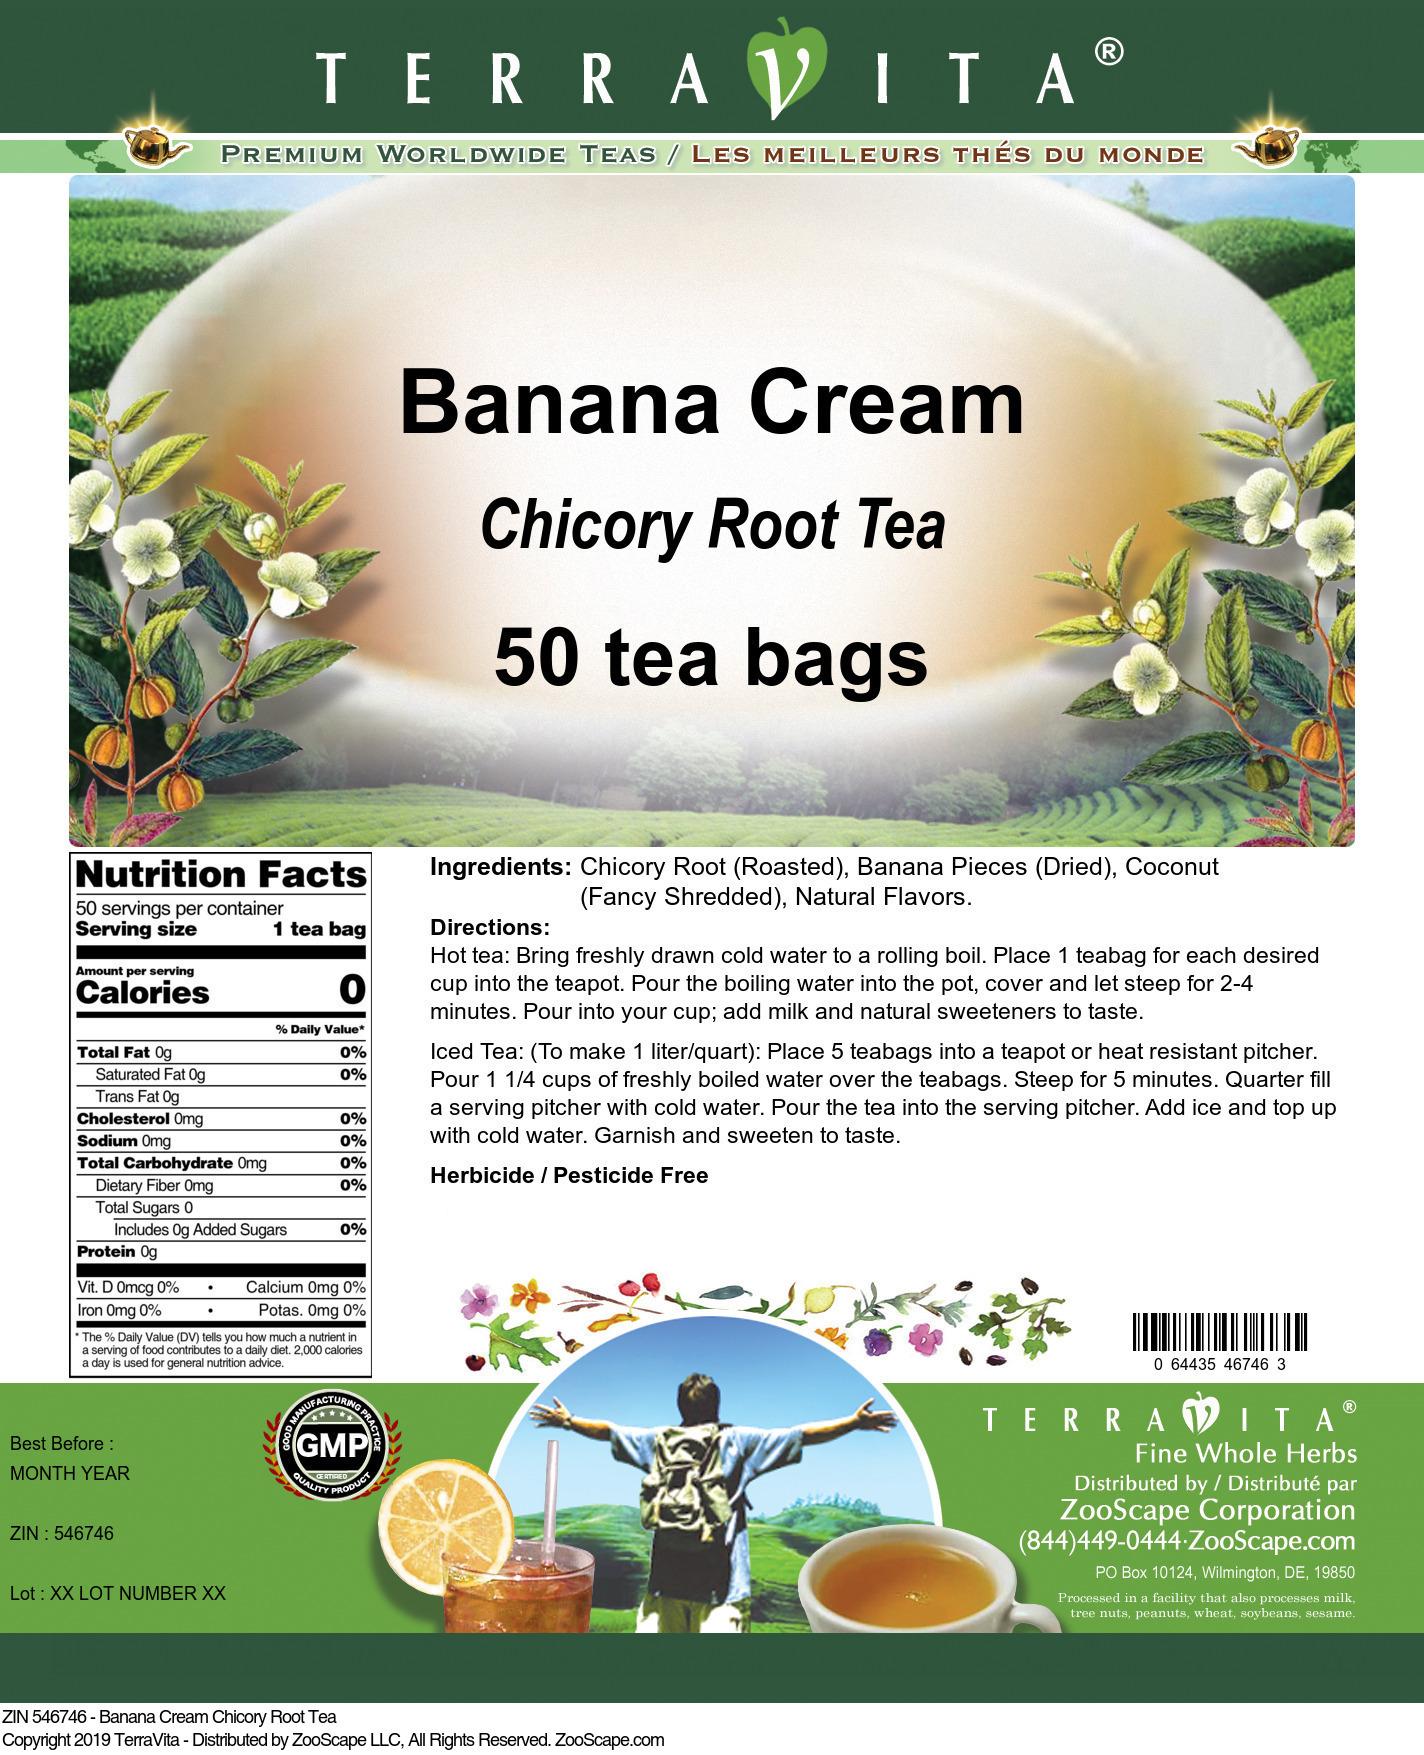 Banana Cream Chicory Root